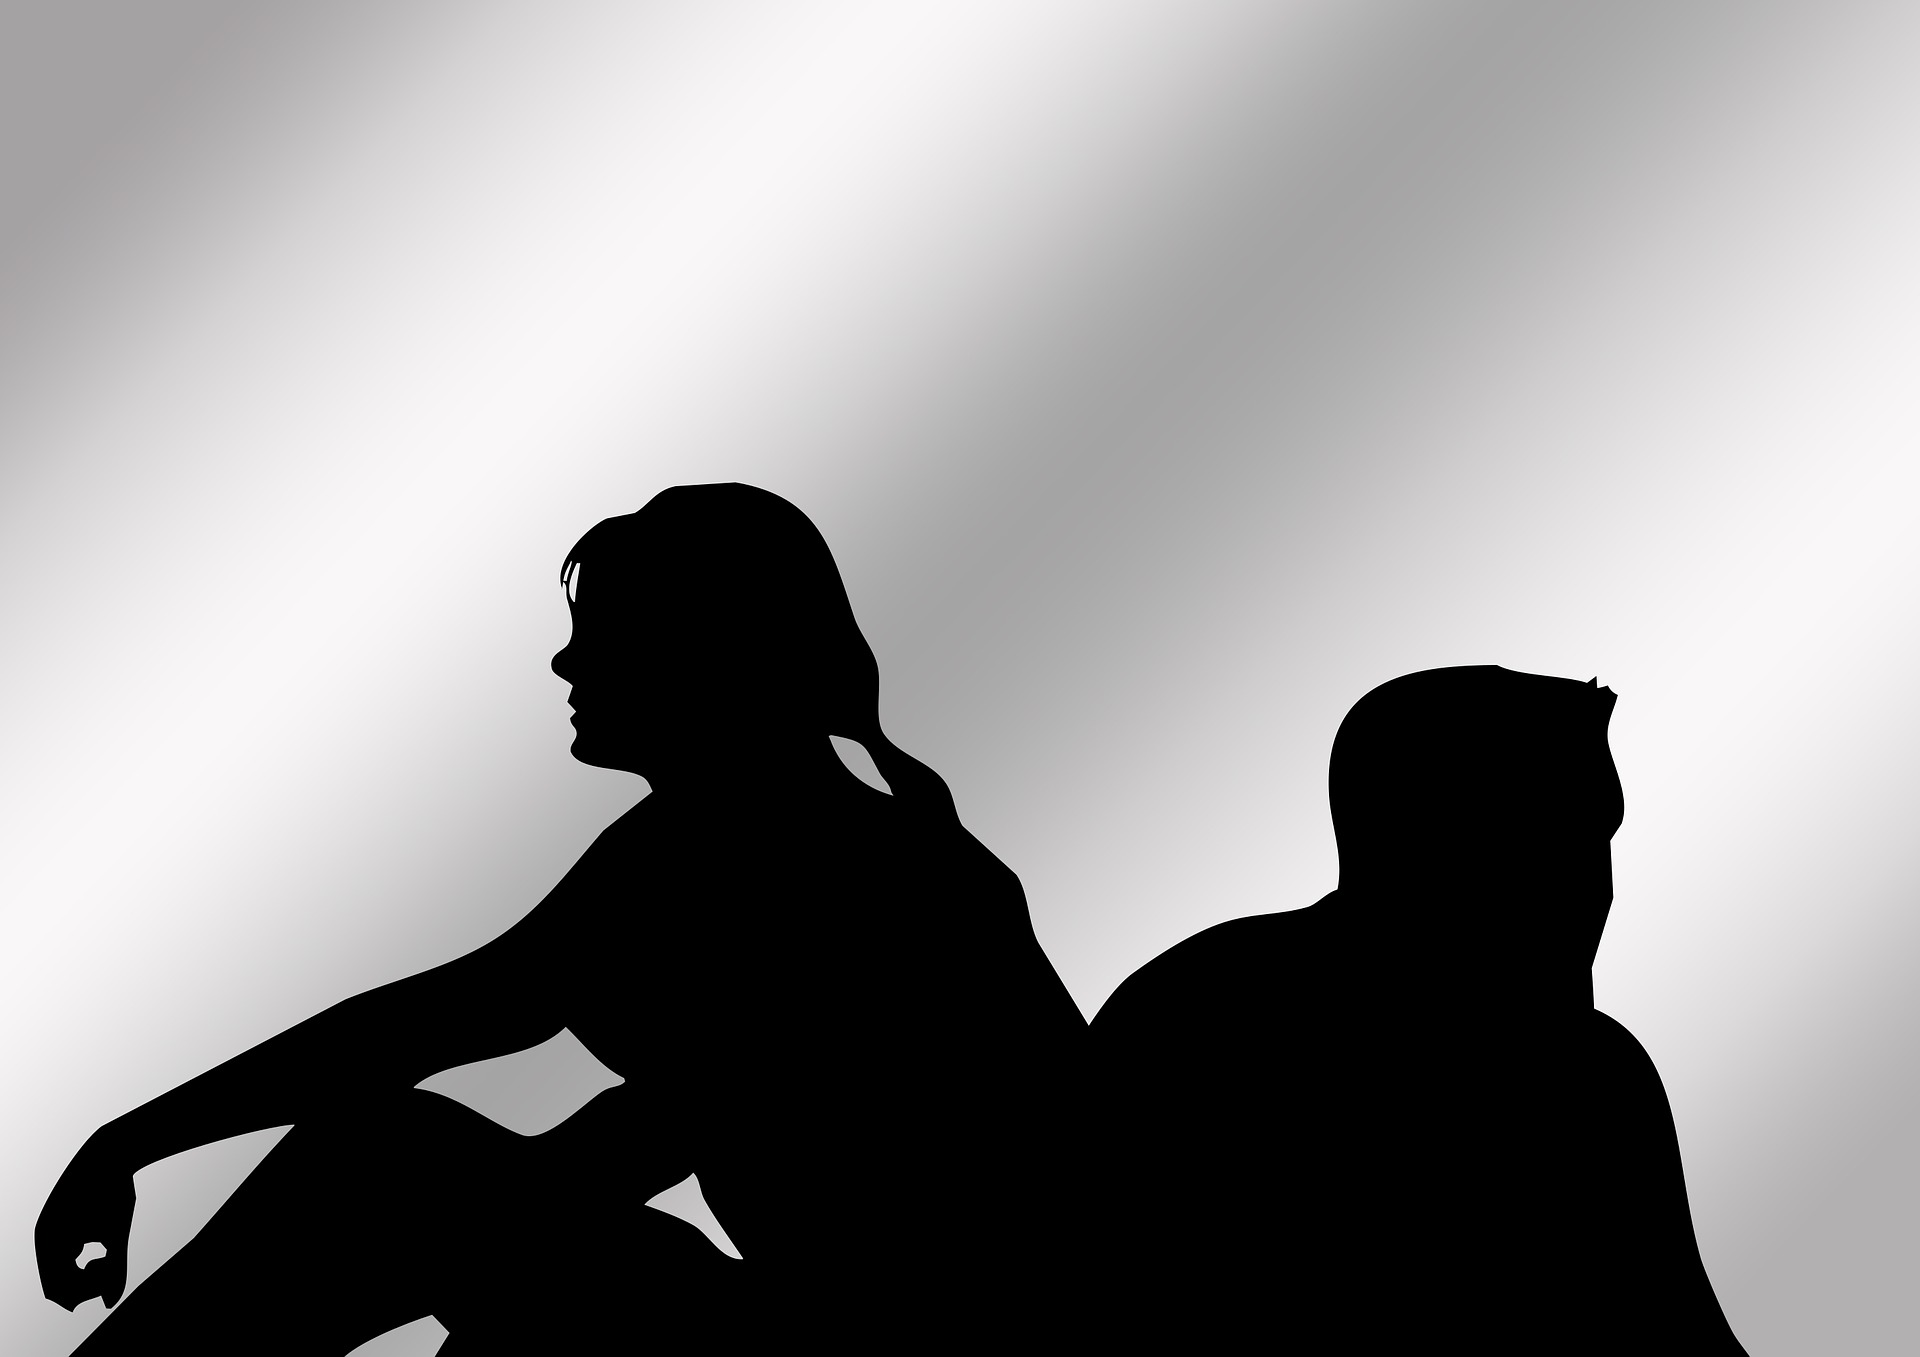 imagen sobre la dependencia emocional, soy adicto a mi pareja